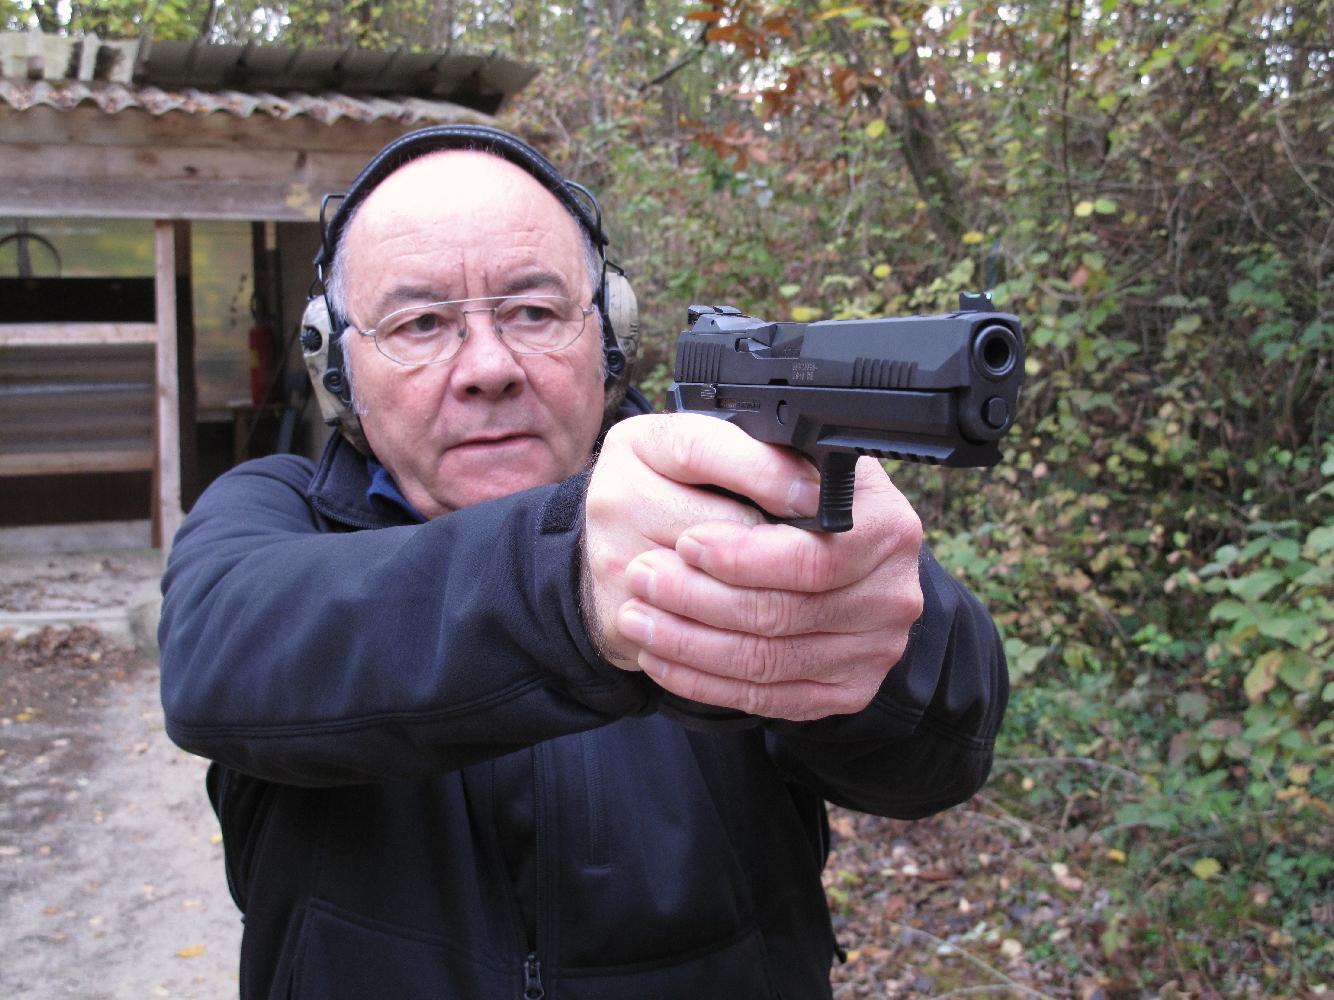 Ce pistolet, dont la poignée redessinée procure une excellente prise en main, bénéficie de la légèreté que lui procure sa carcasse en polymère.